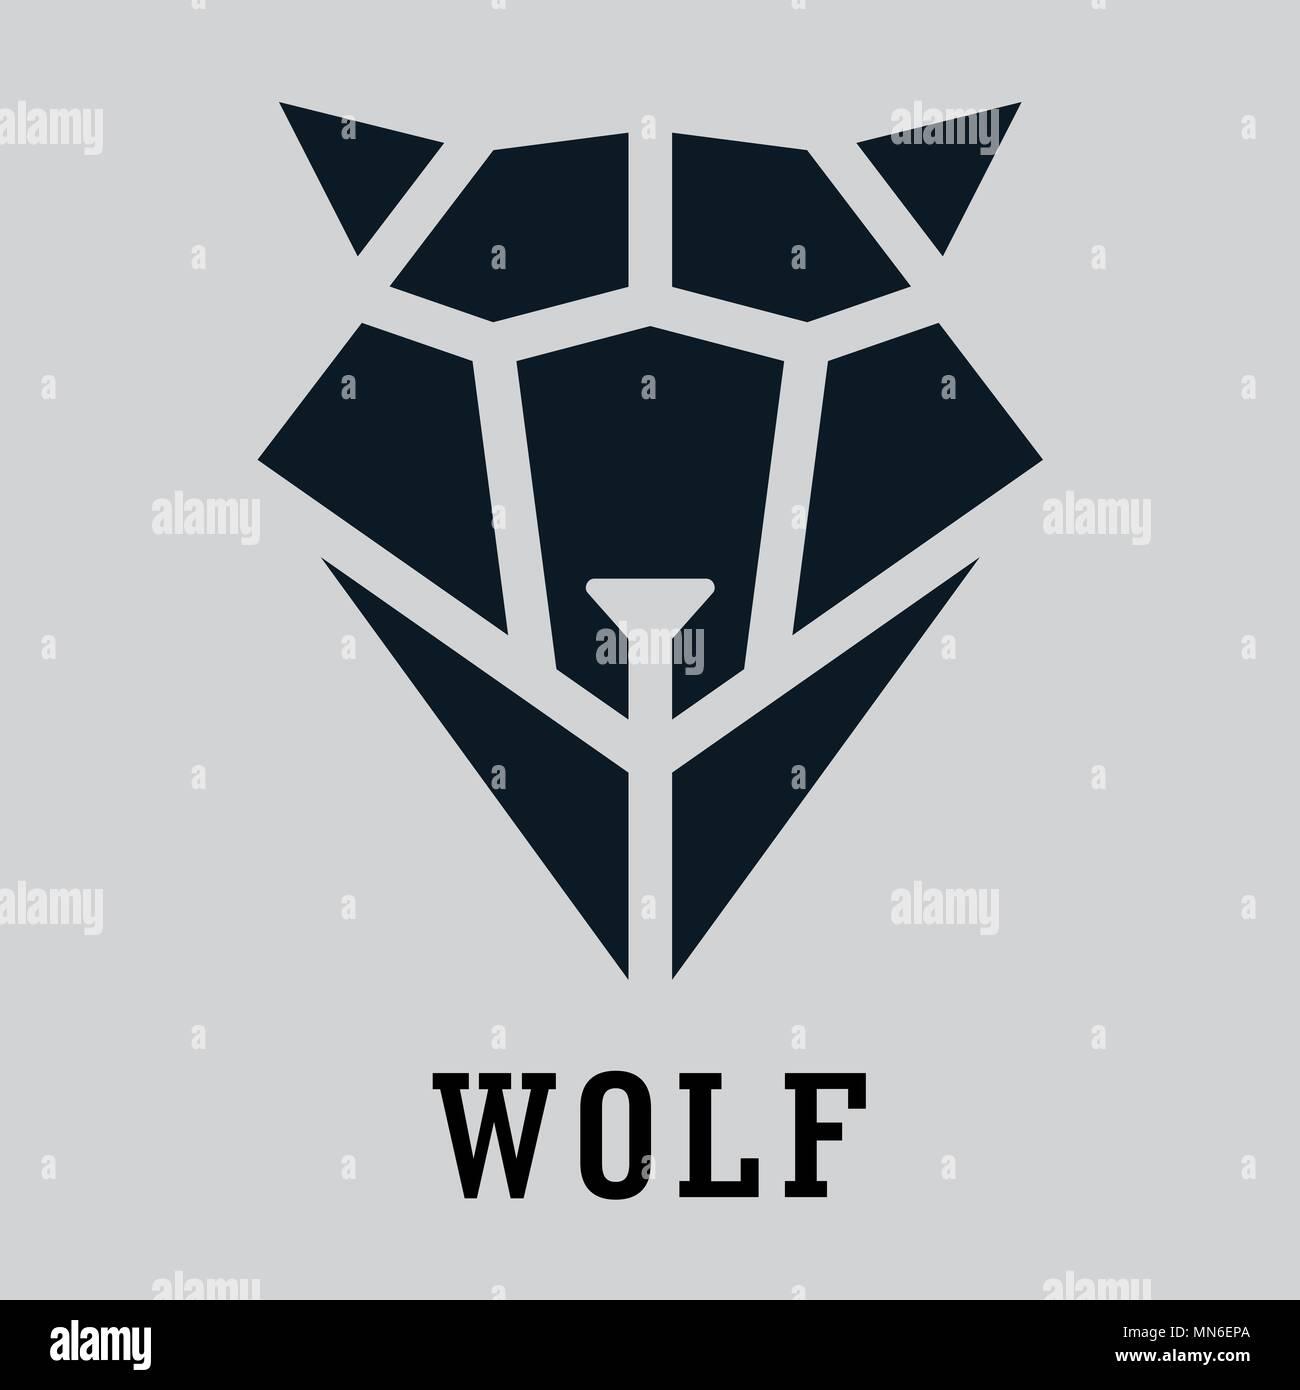 Wolfskopf geometrischen Stil. Polygonale dreieckige Tier Vector Illustration Stockbild